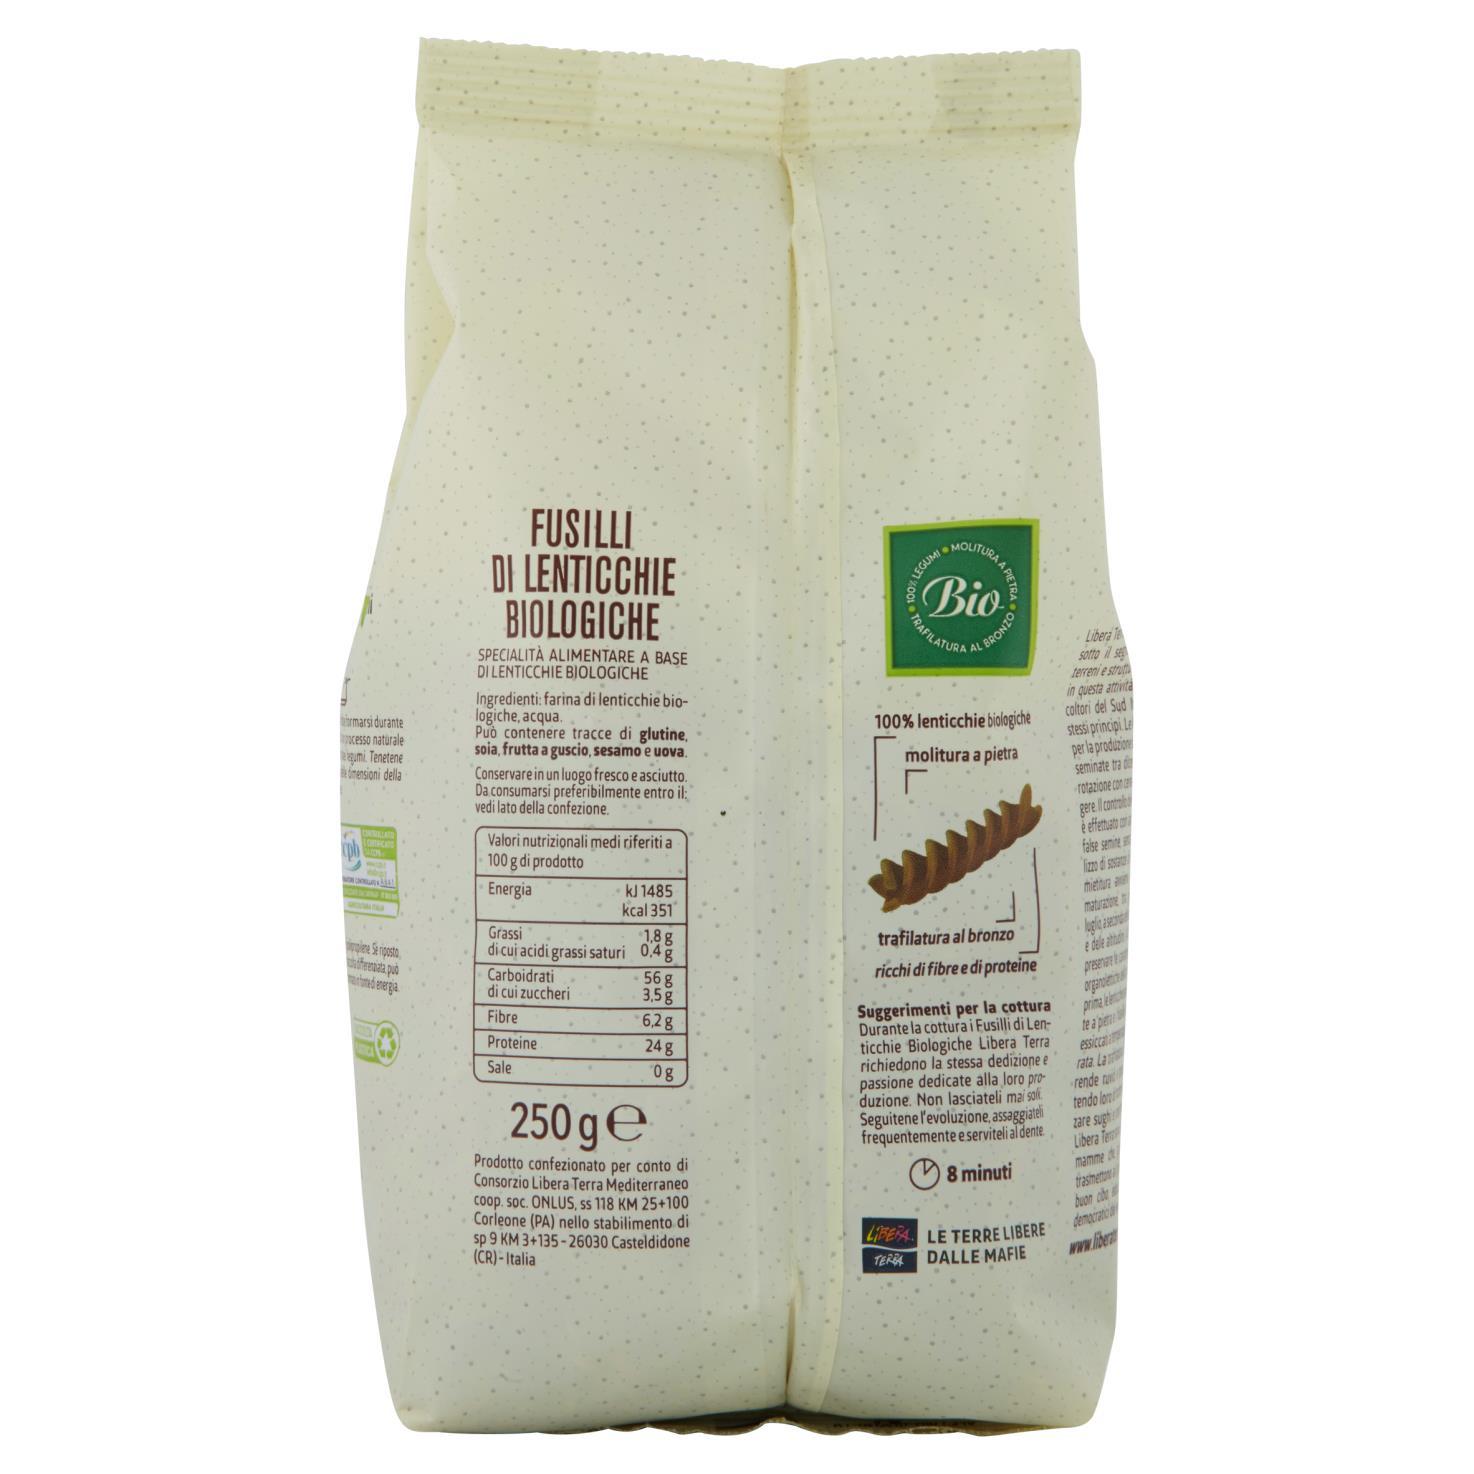 Fusilli 100% Lenticchie Biologiche 250g